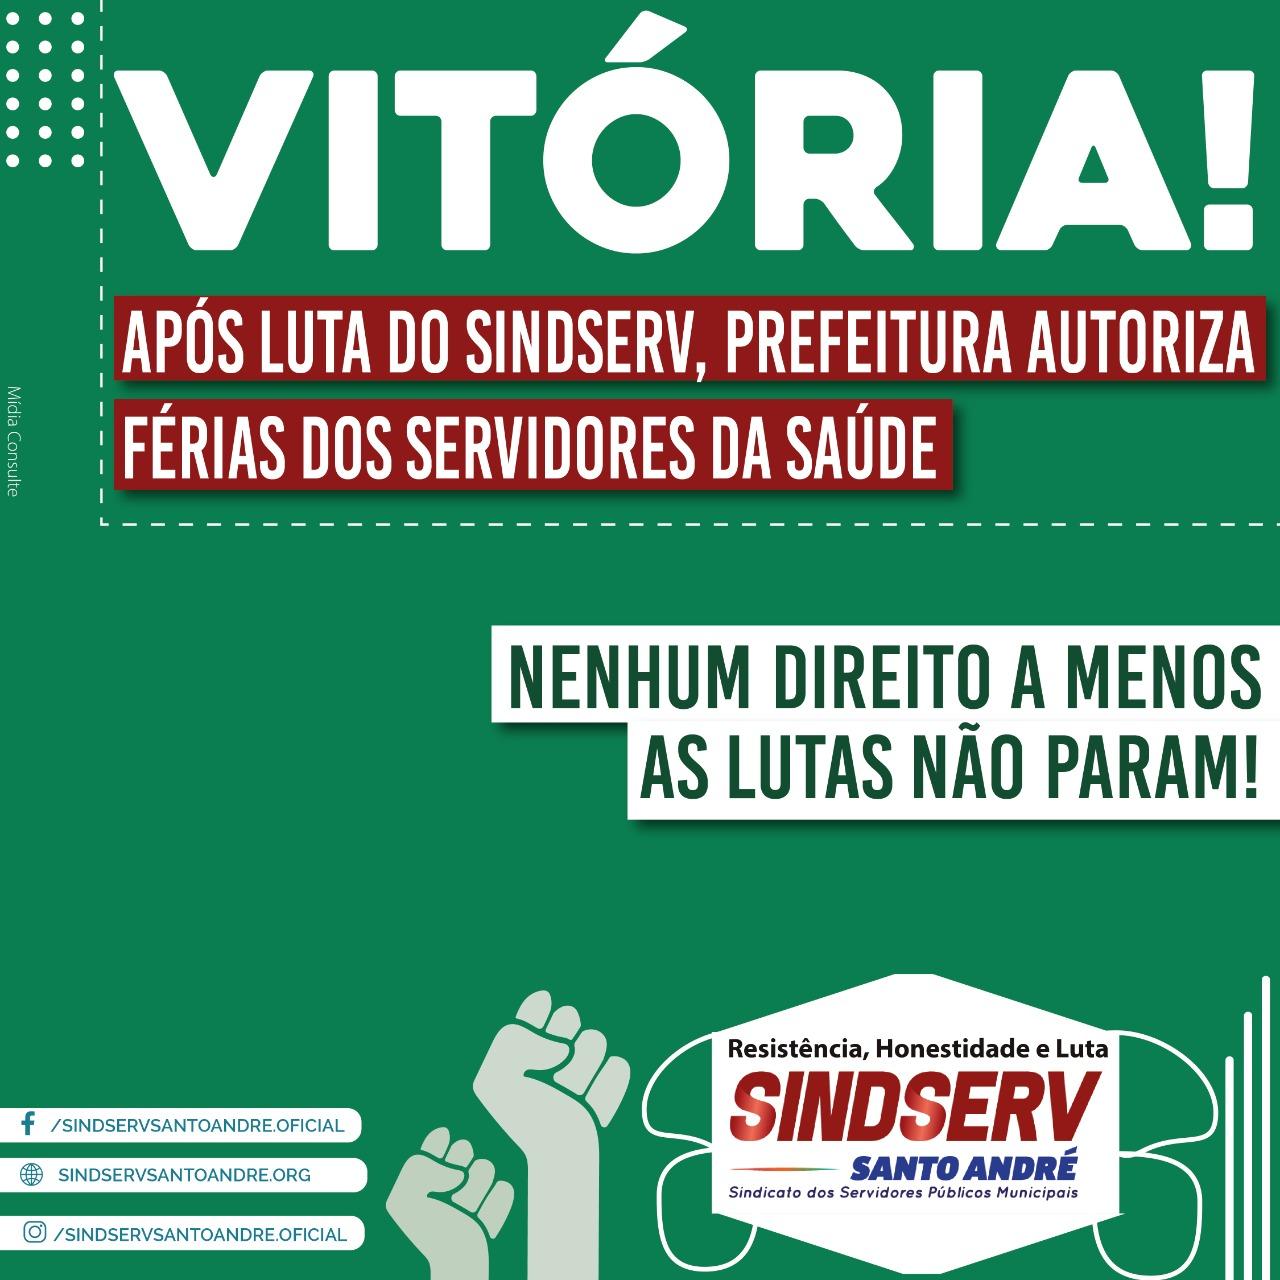 Imagem de Vitória da luta do Sindicato: Prefeitura autorizaférias dos servidores da Saúde